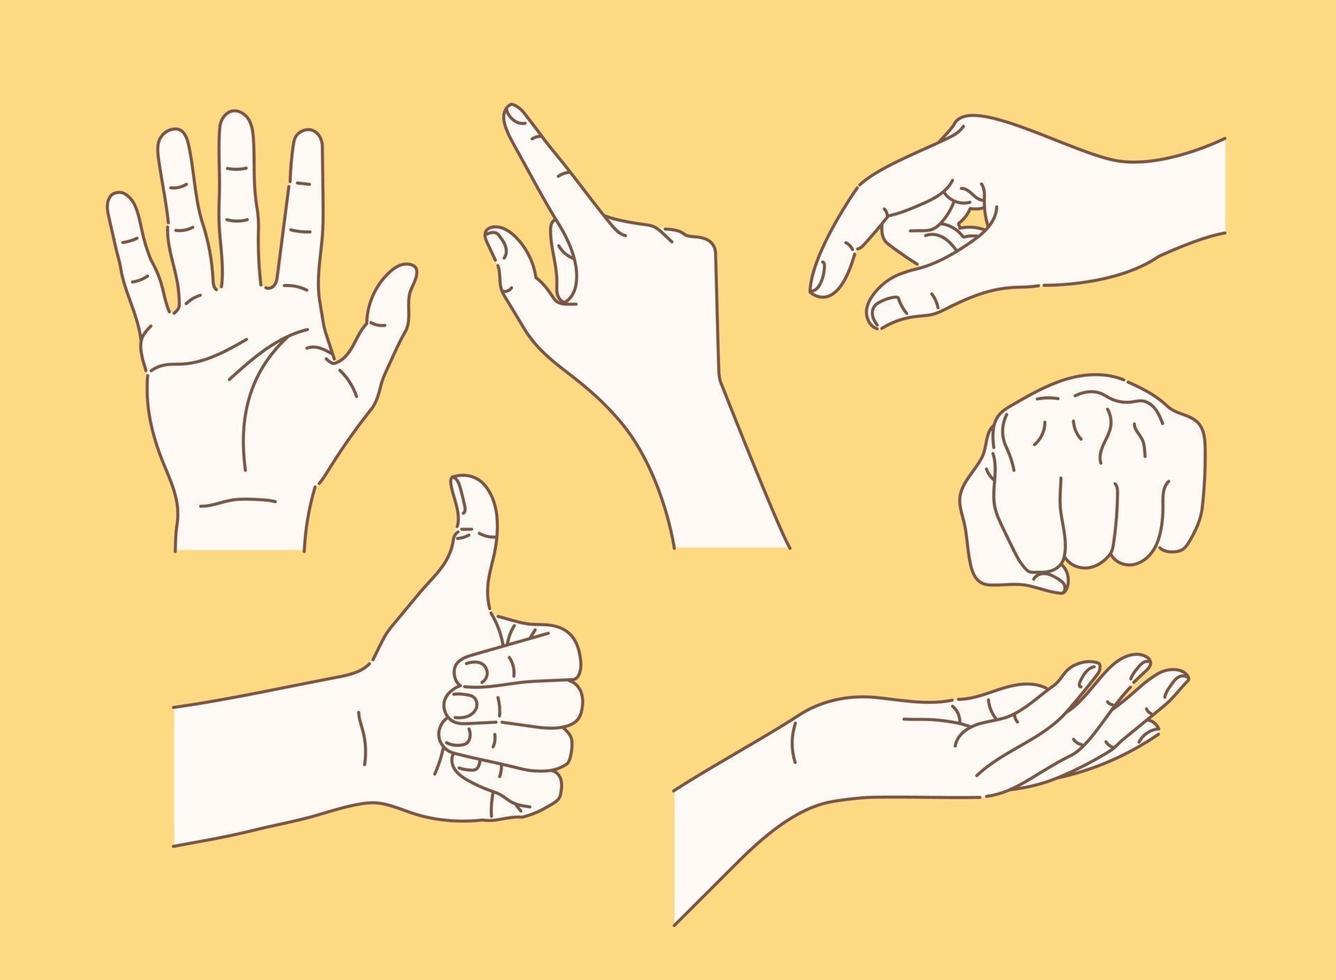 coleção de vários gestos com as mãos. mão desenhada estilo ilustrações vetoriais. vetor